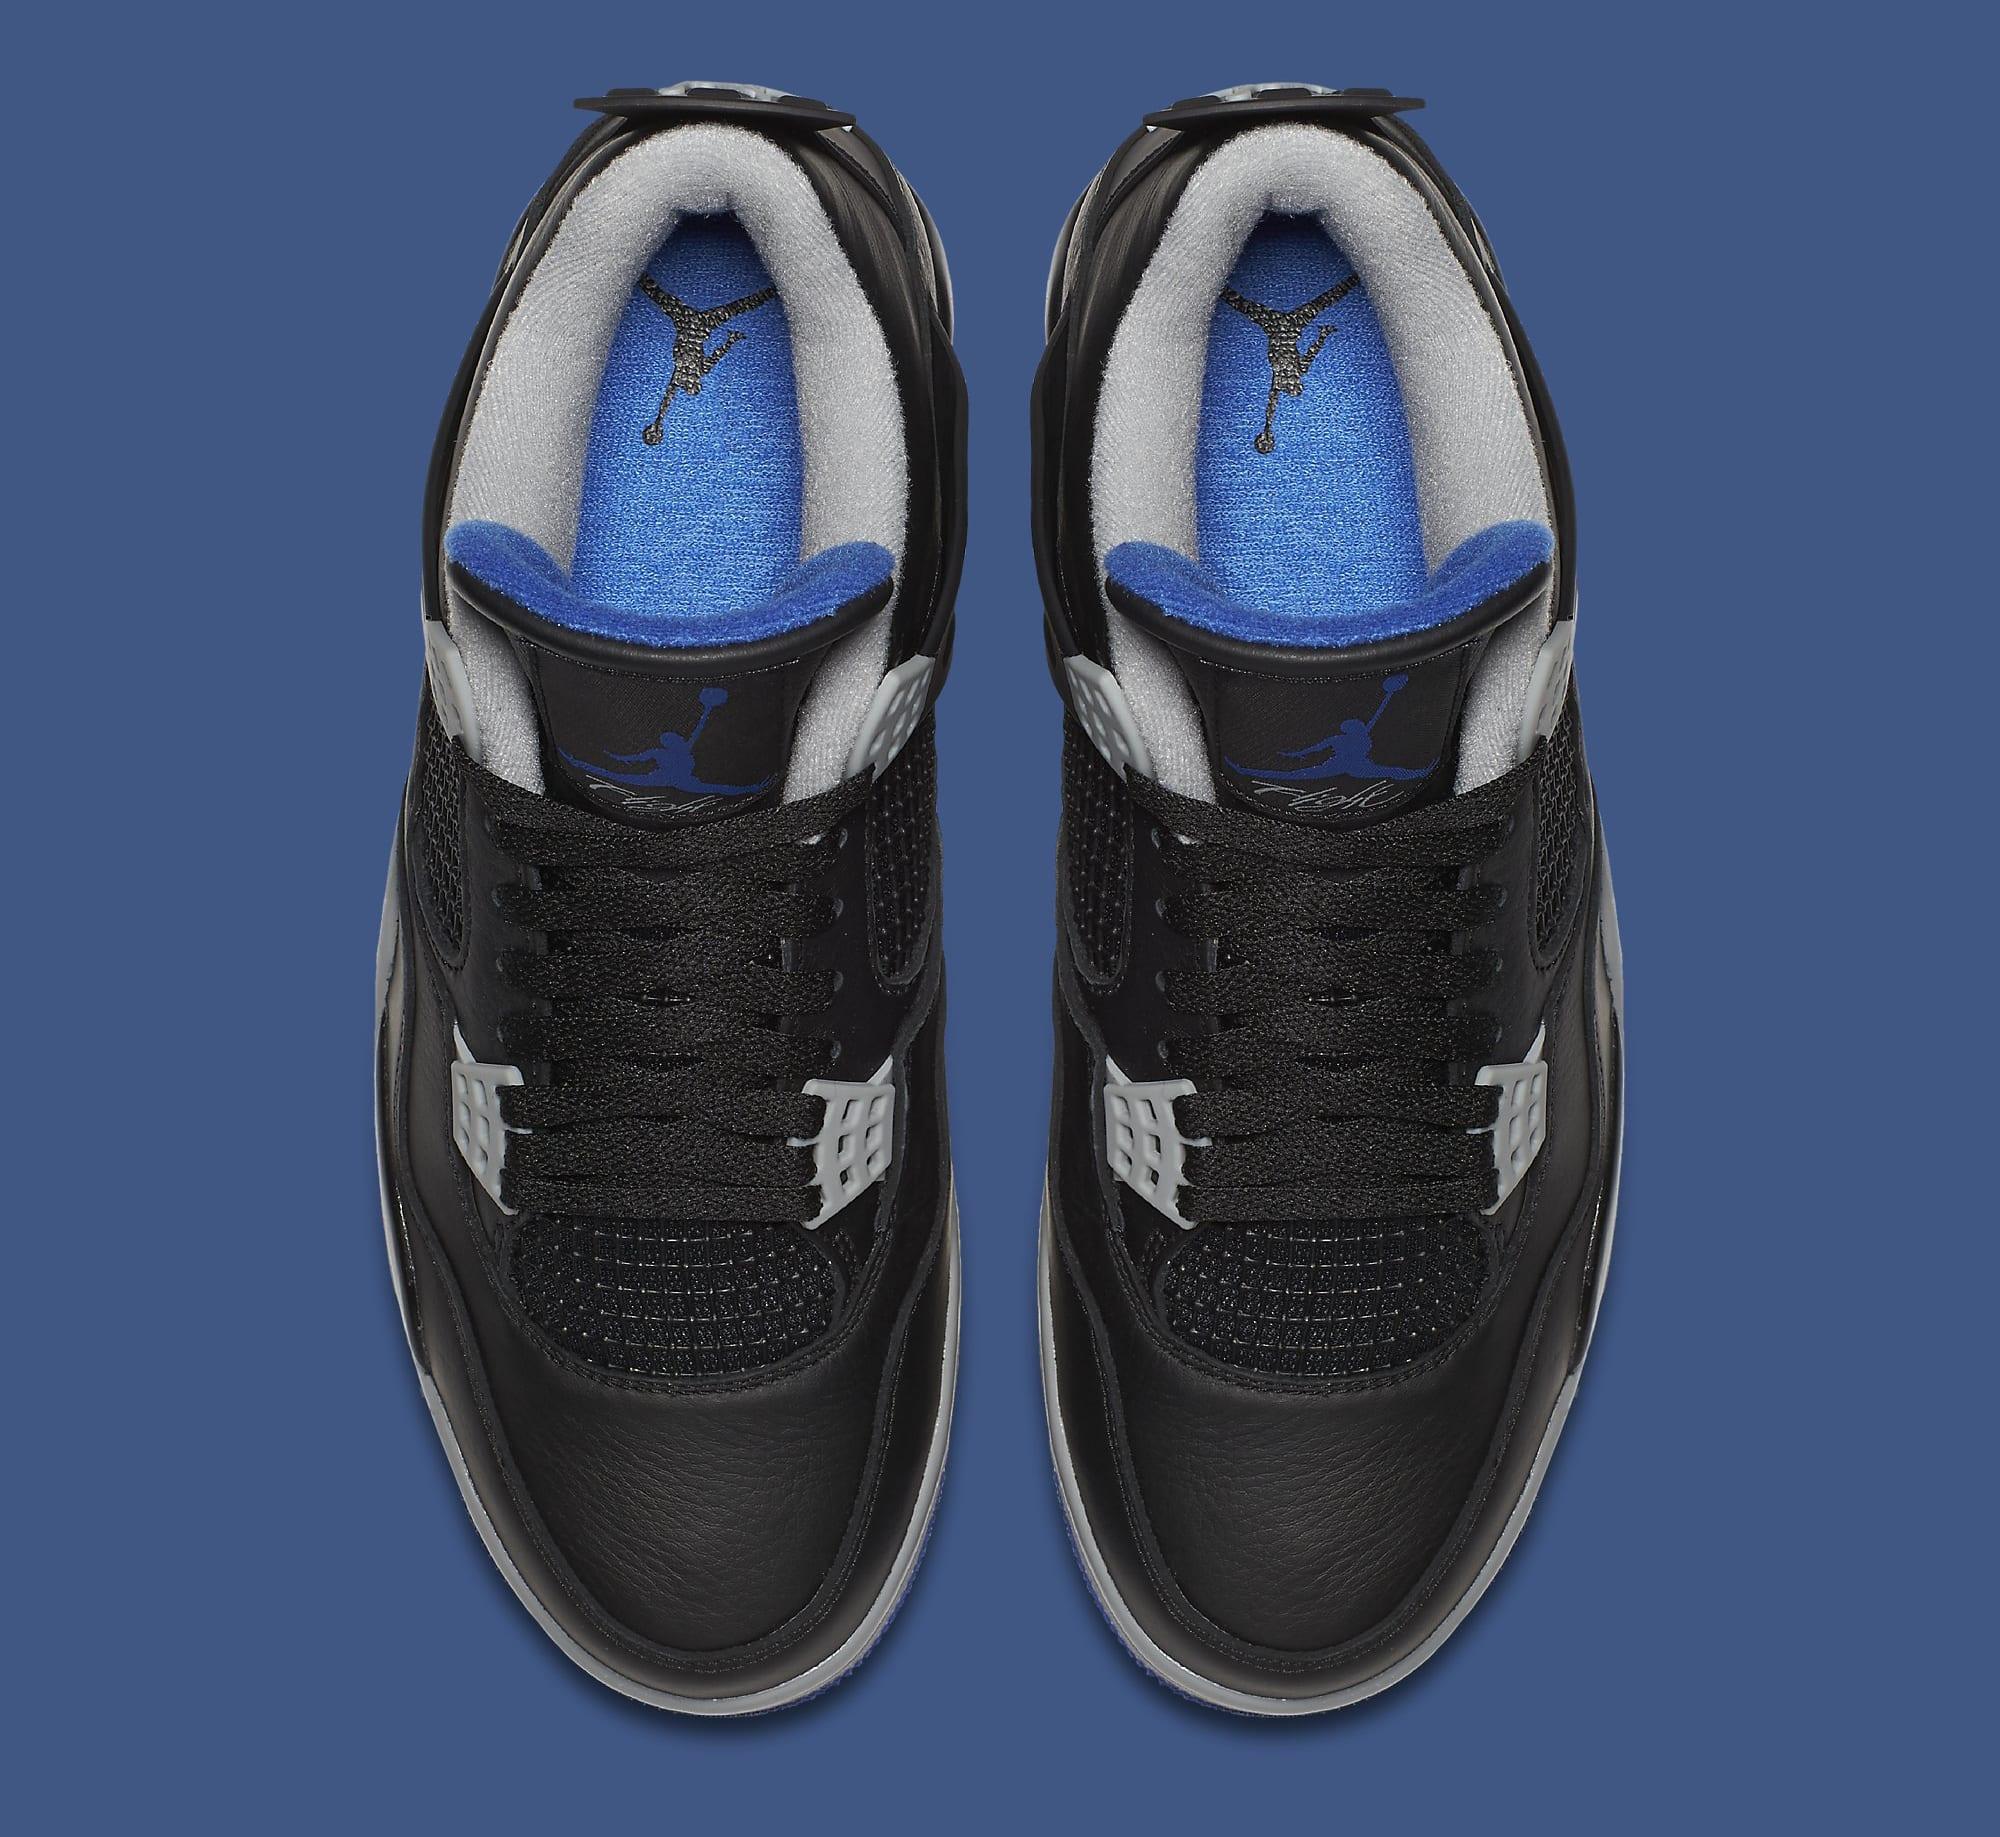 Air Jordan 4 Black Royal 308497-006 Top